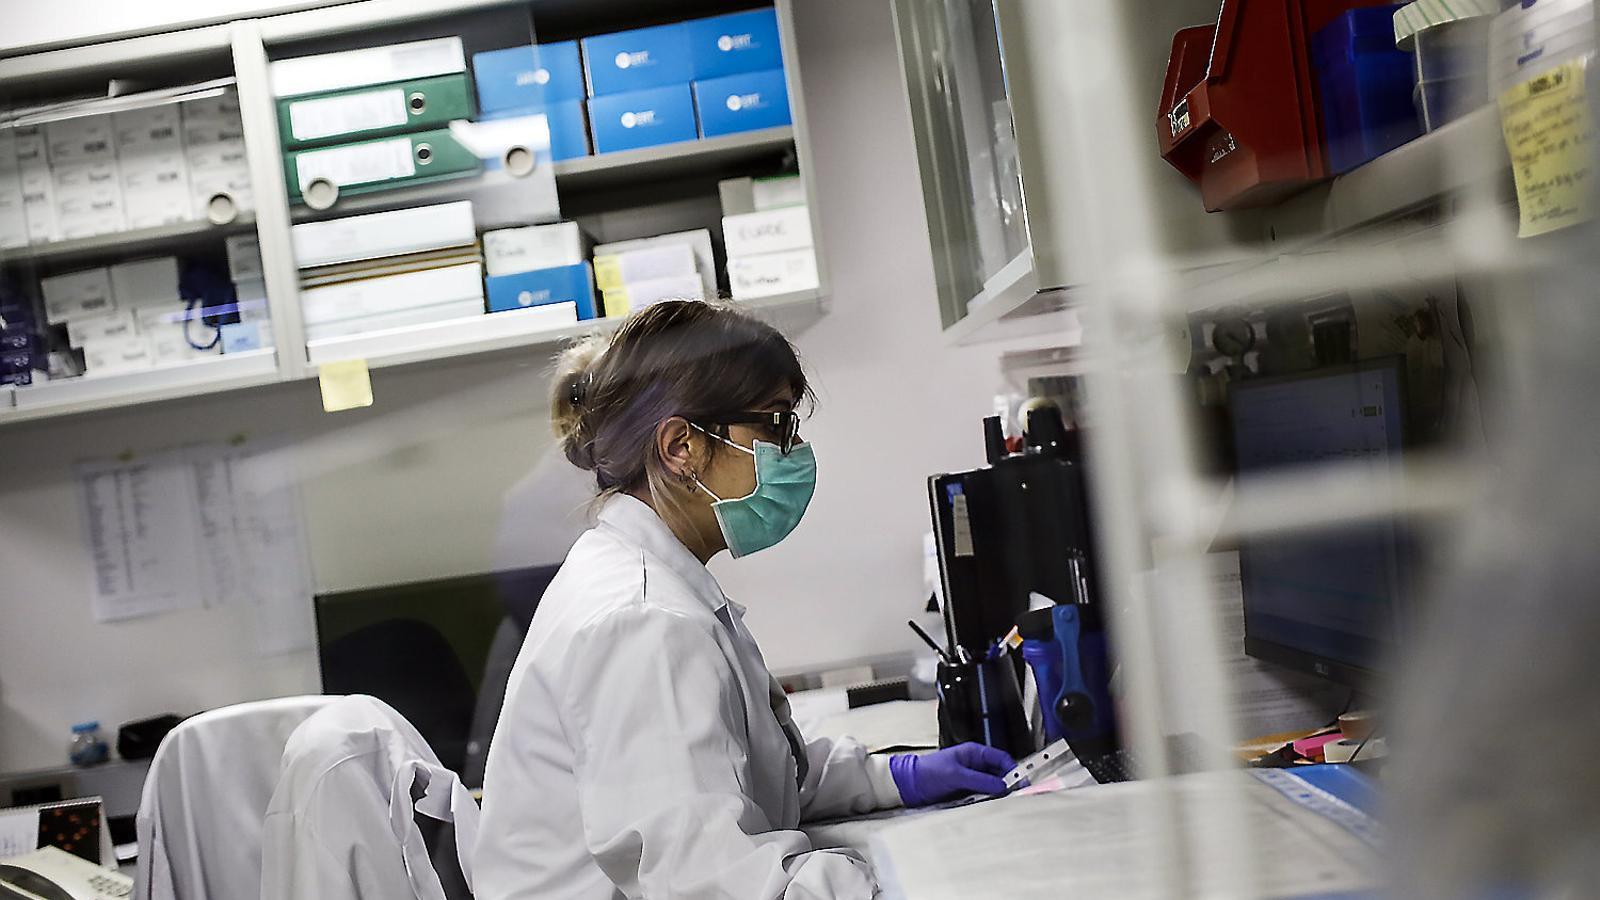 Sanitat registra 156 contagis nous en les últimes 24 hores i 32 morts en els darrers 7 dies